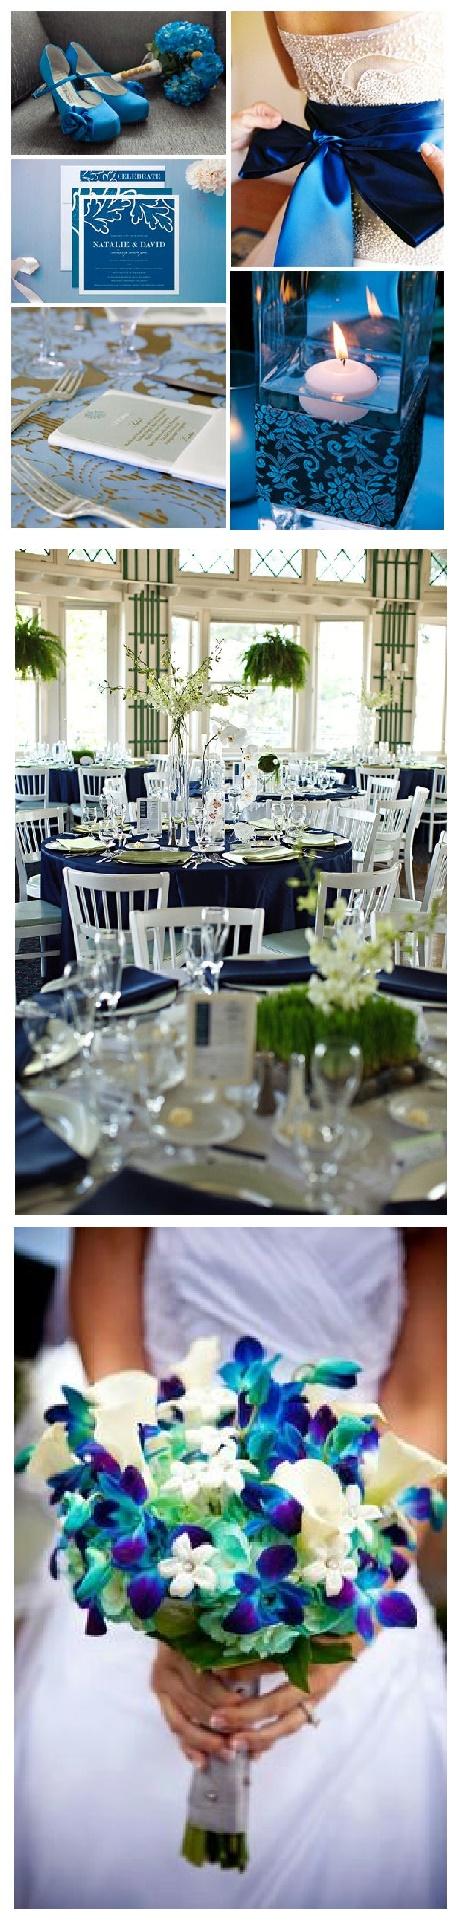 El color azul es nuestro protagonista, apareciendo en tarjetas, mantelería, flores y otros elementos decorativos.